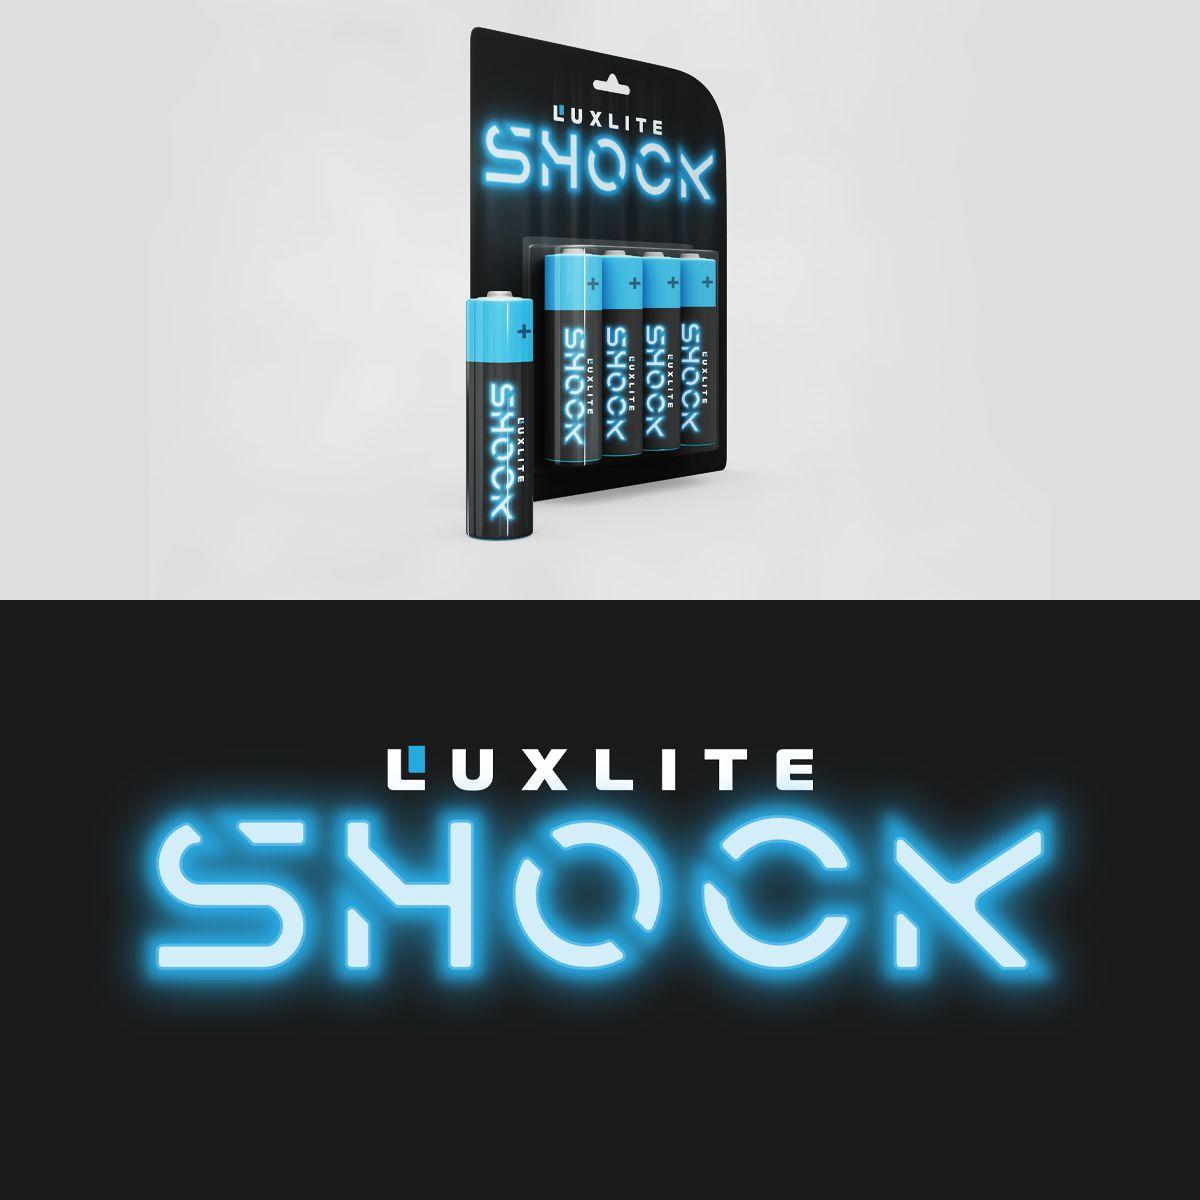 Логотип для батареек LUXLITE SHOCK - дизайнер neyvmila